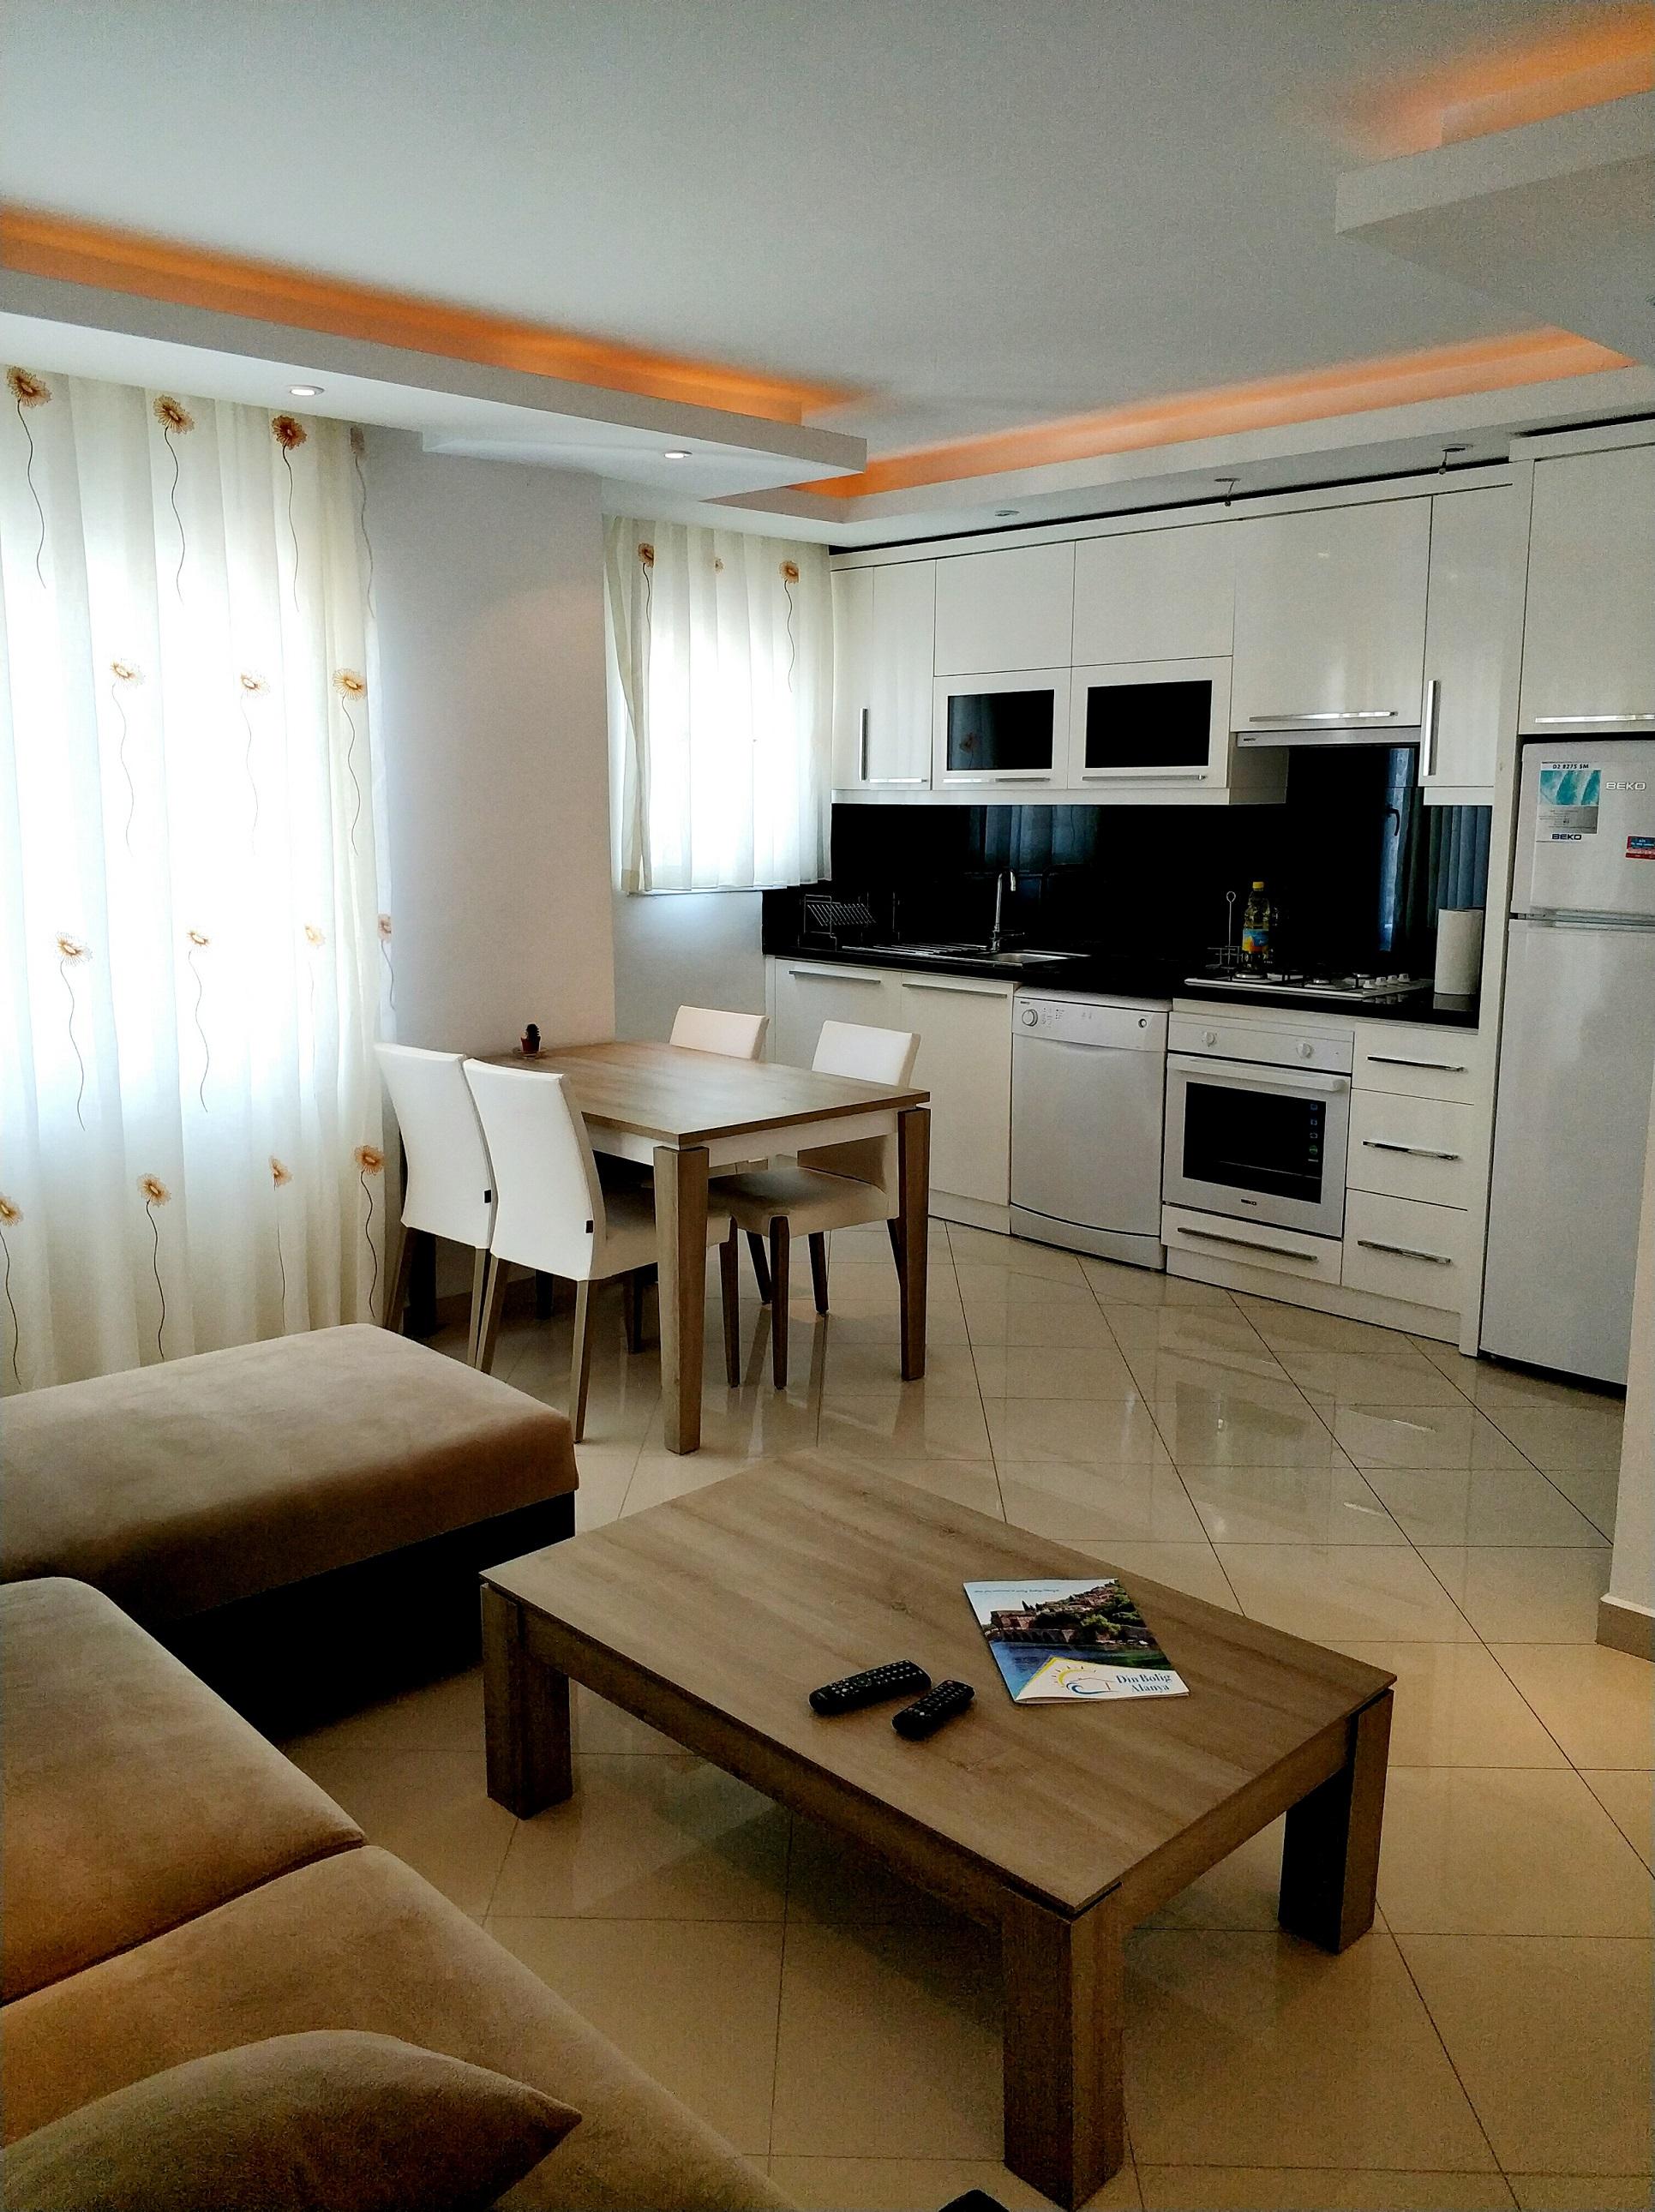 Квартира алания аренда купить дом в германии недорого вторичное жилье